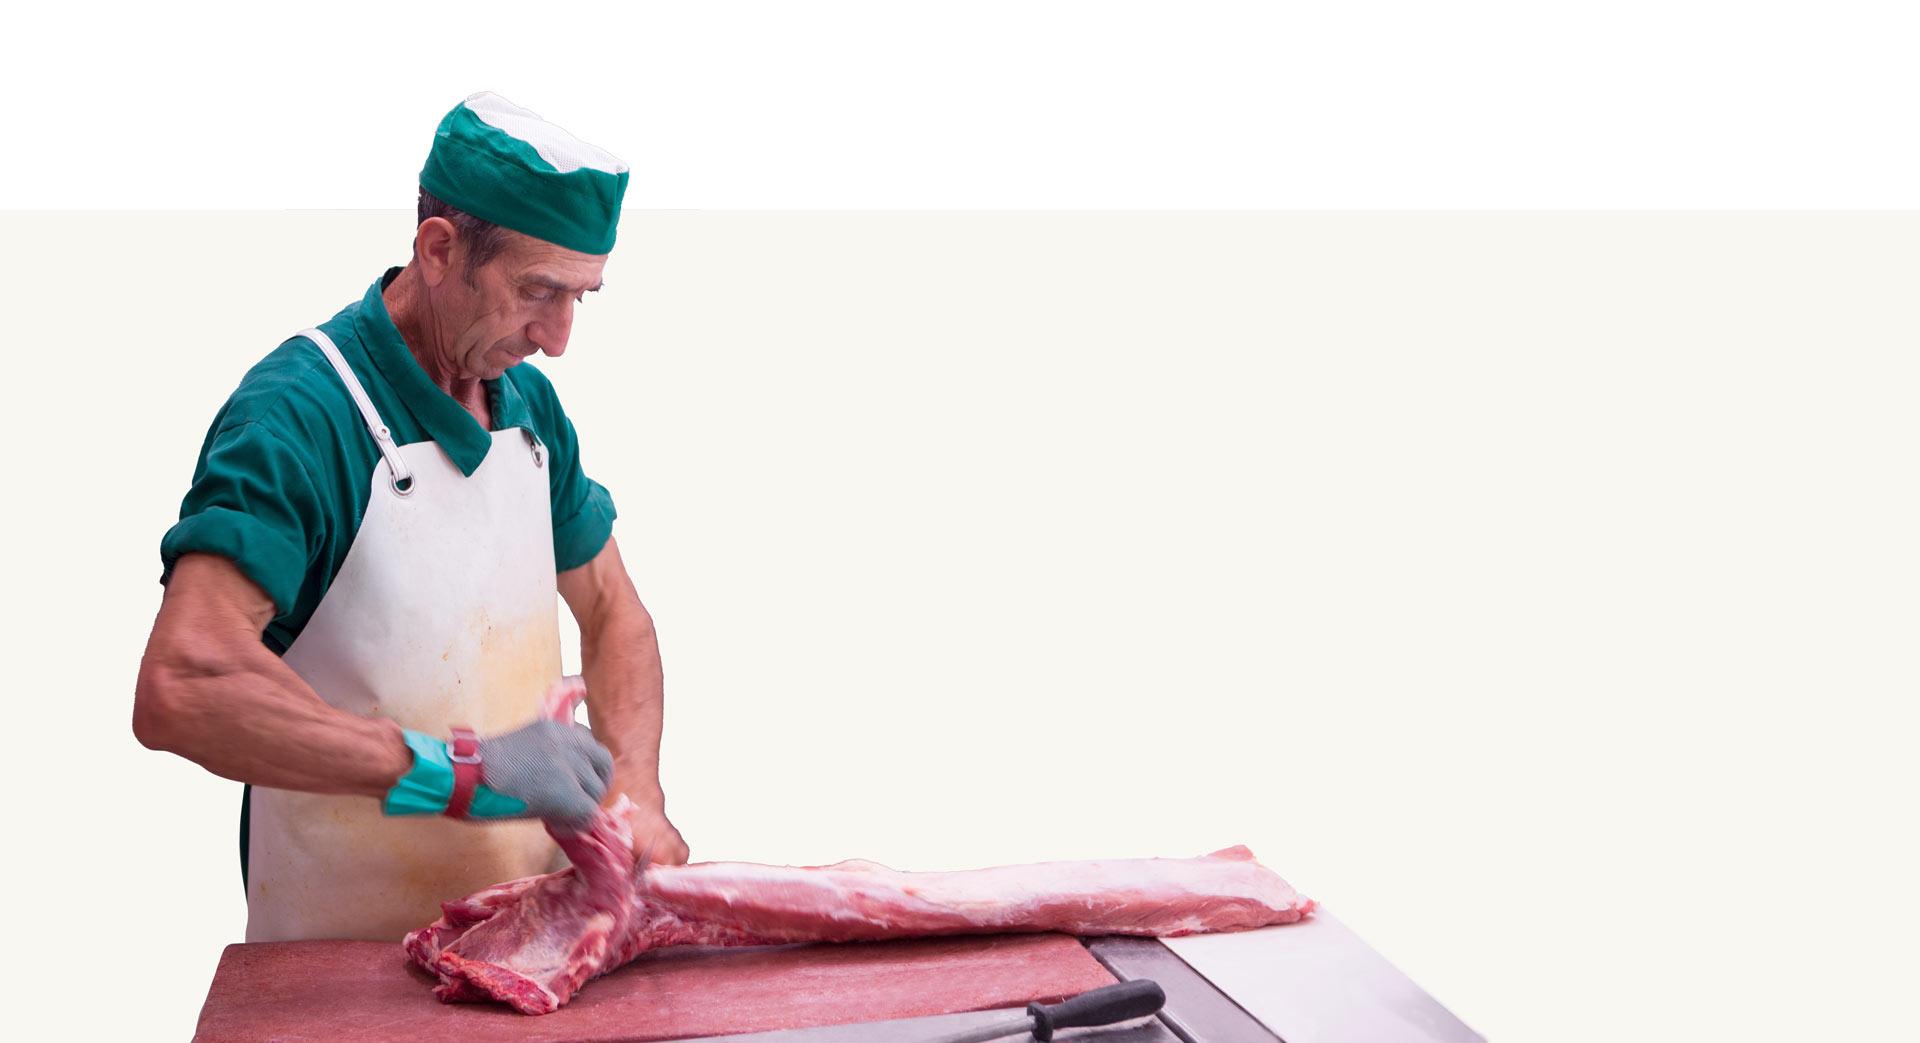 carnavi-carnicero